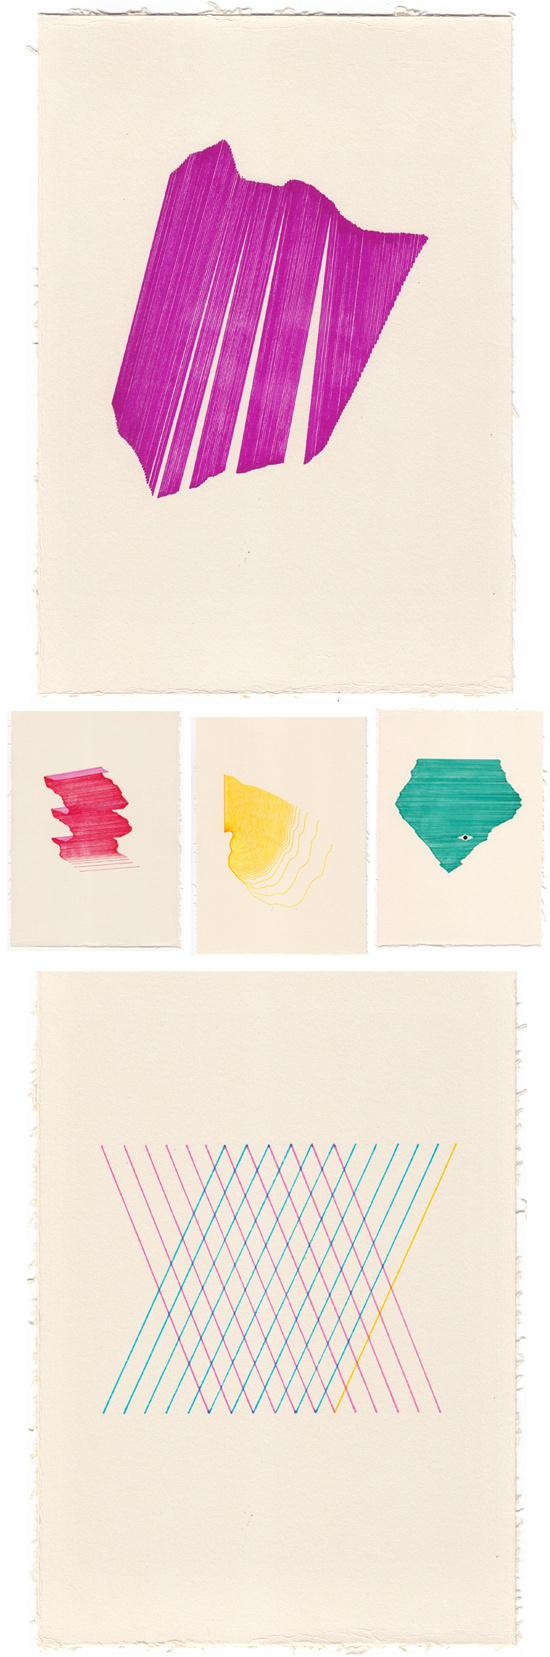 fragment #on #color #paper #ink